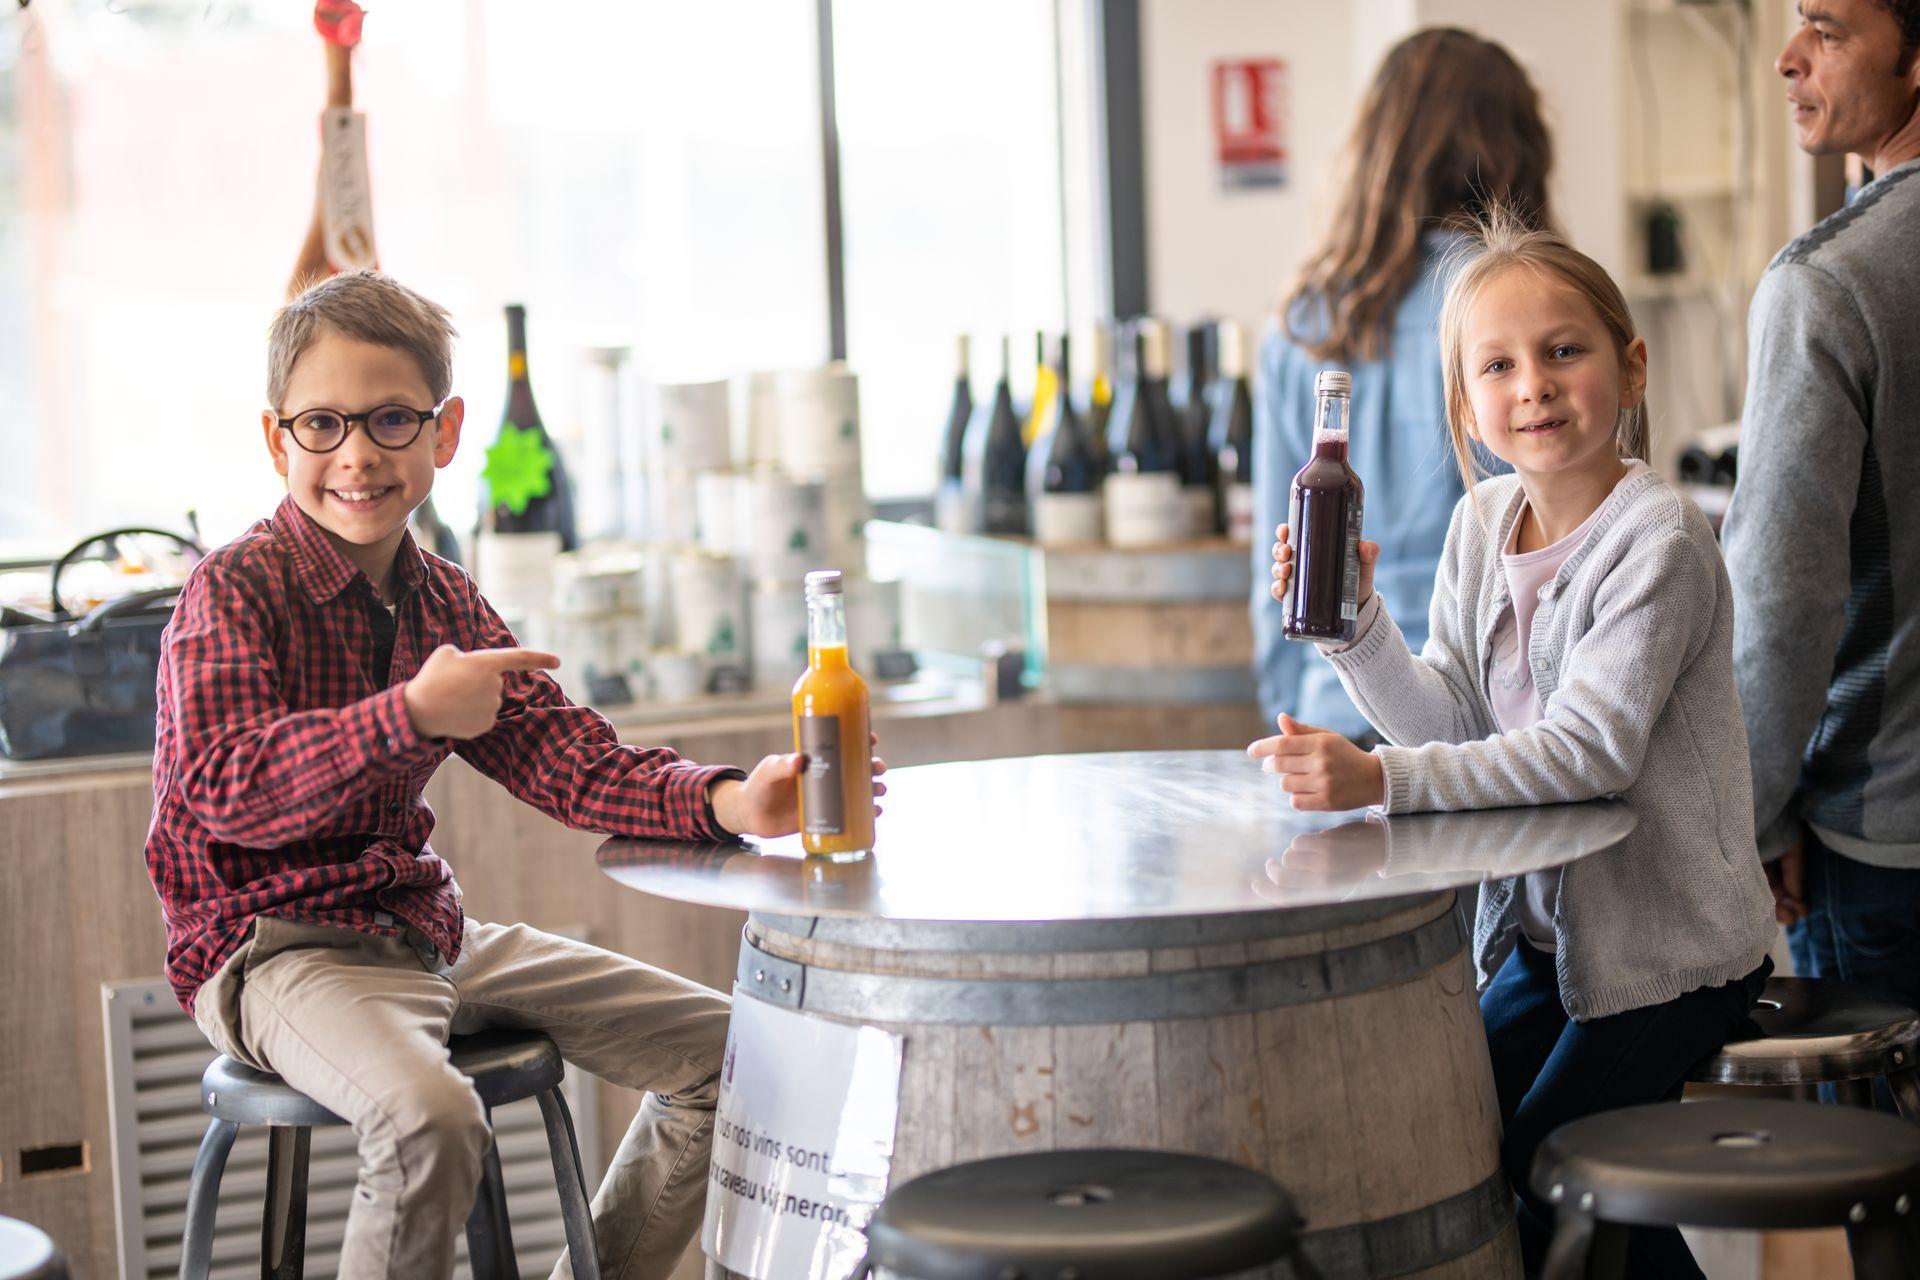 Des enfants buvant du jus de fruit assis sur une table, dans la boutique Invinaterra à Sauteyrargues